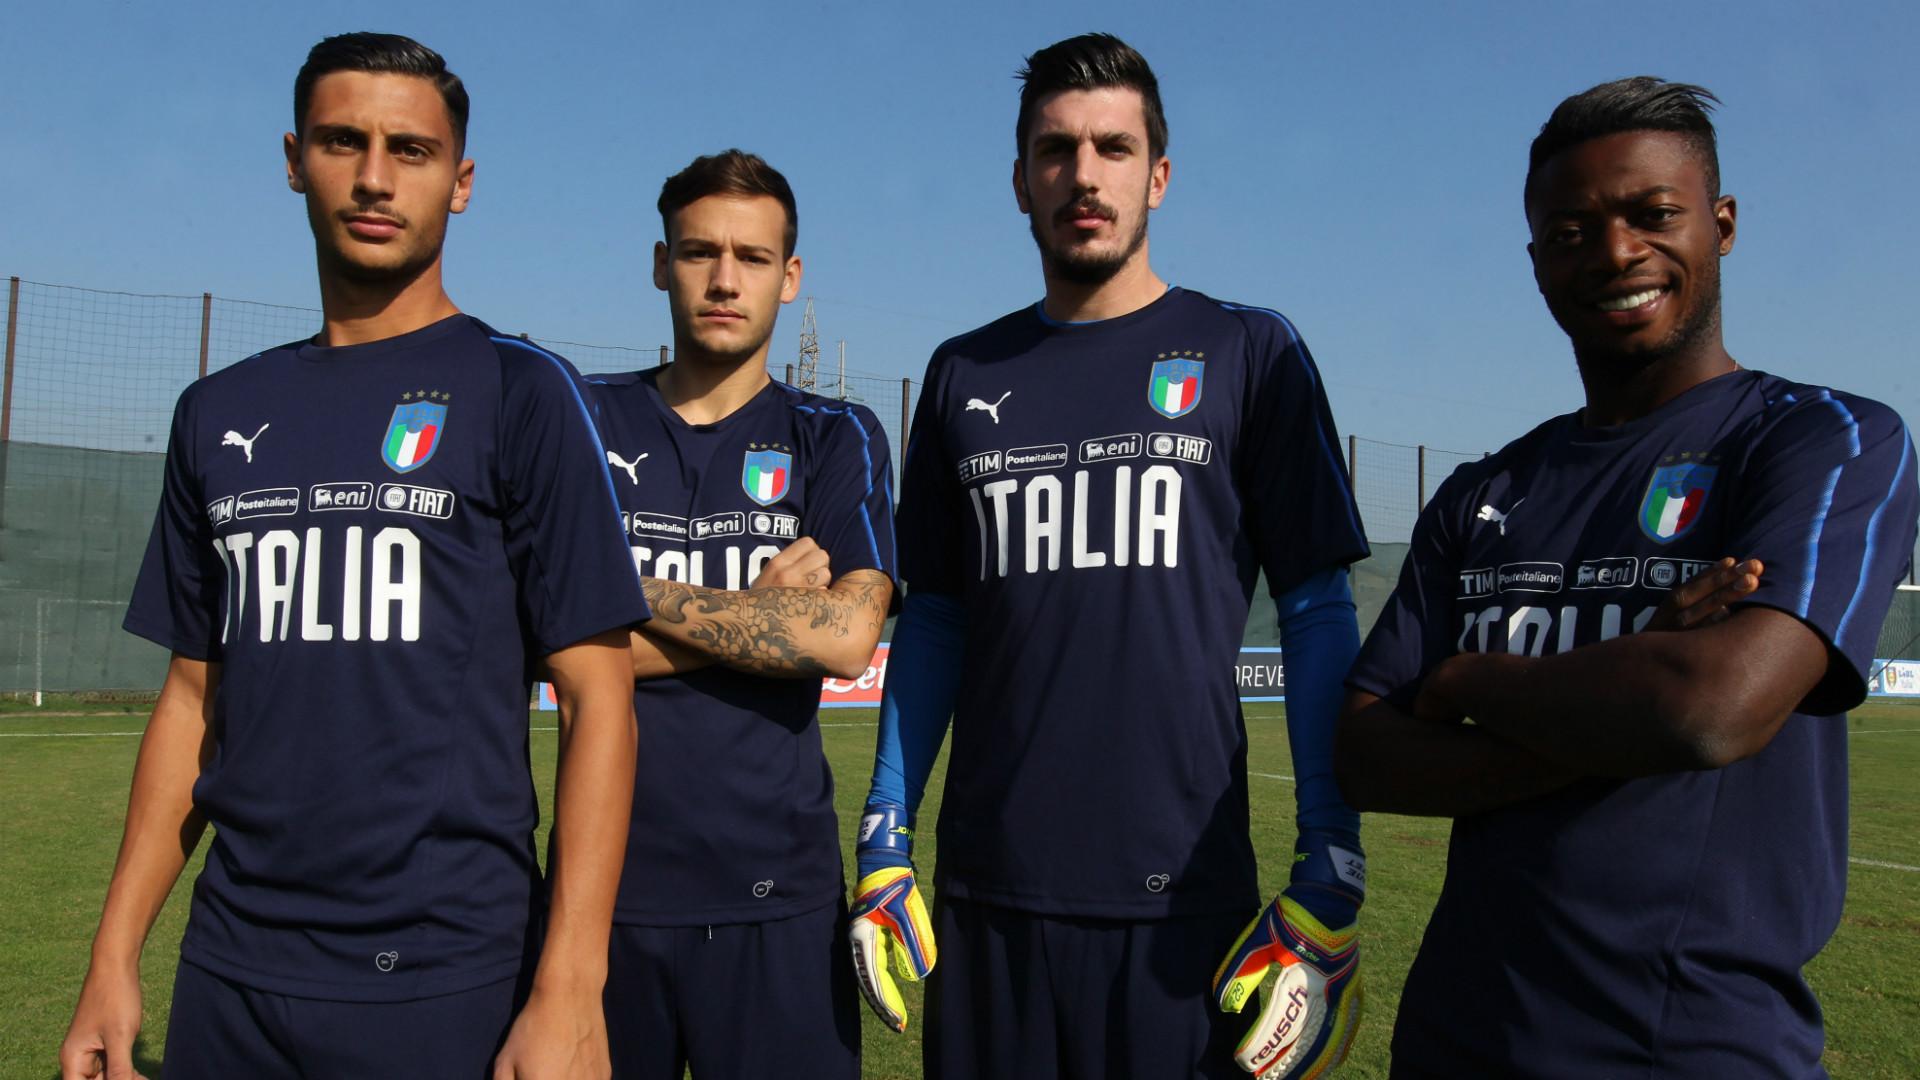 Probabili formazioni Ungheria-Italia Under21, Chiesa e Orsolini guidano gli azzurrini. C'è Cutrone